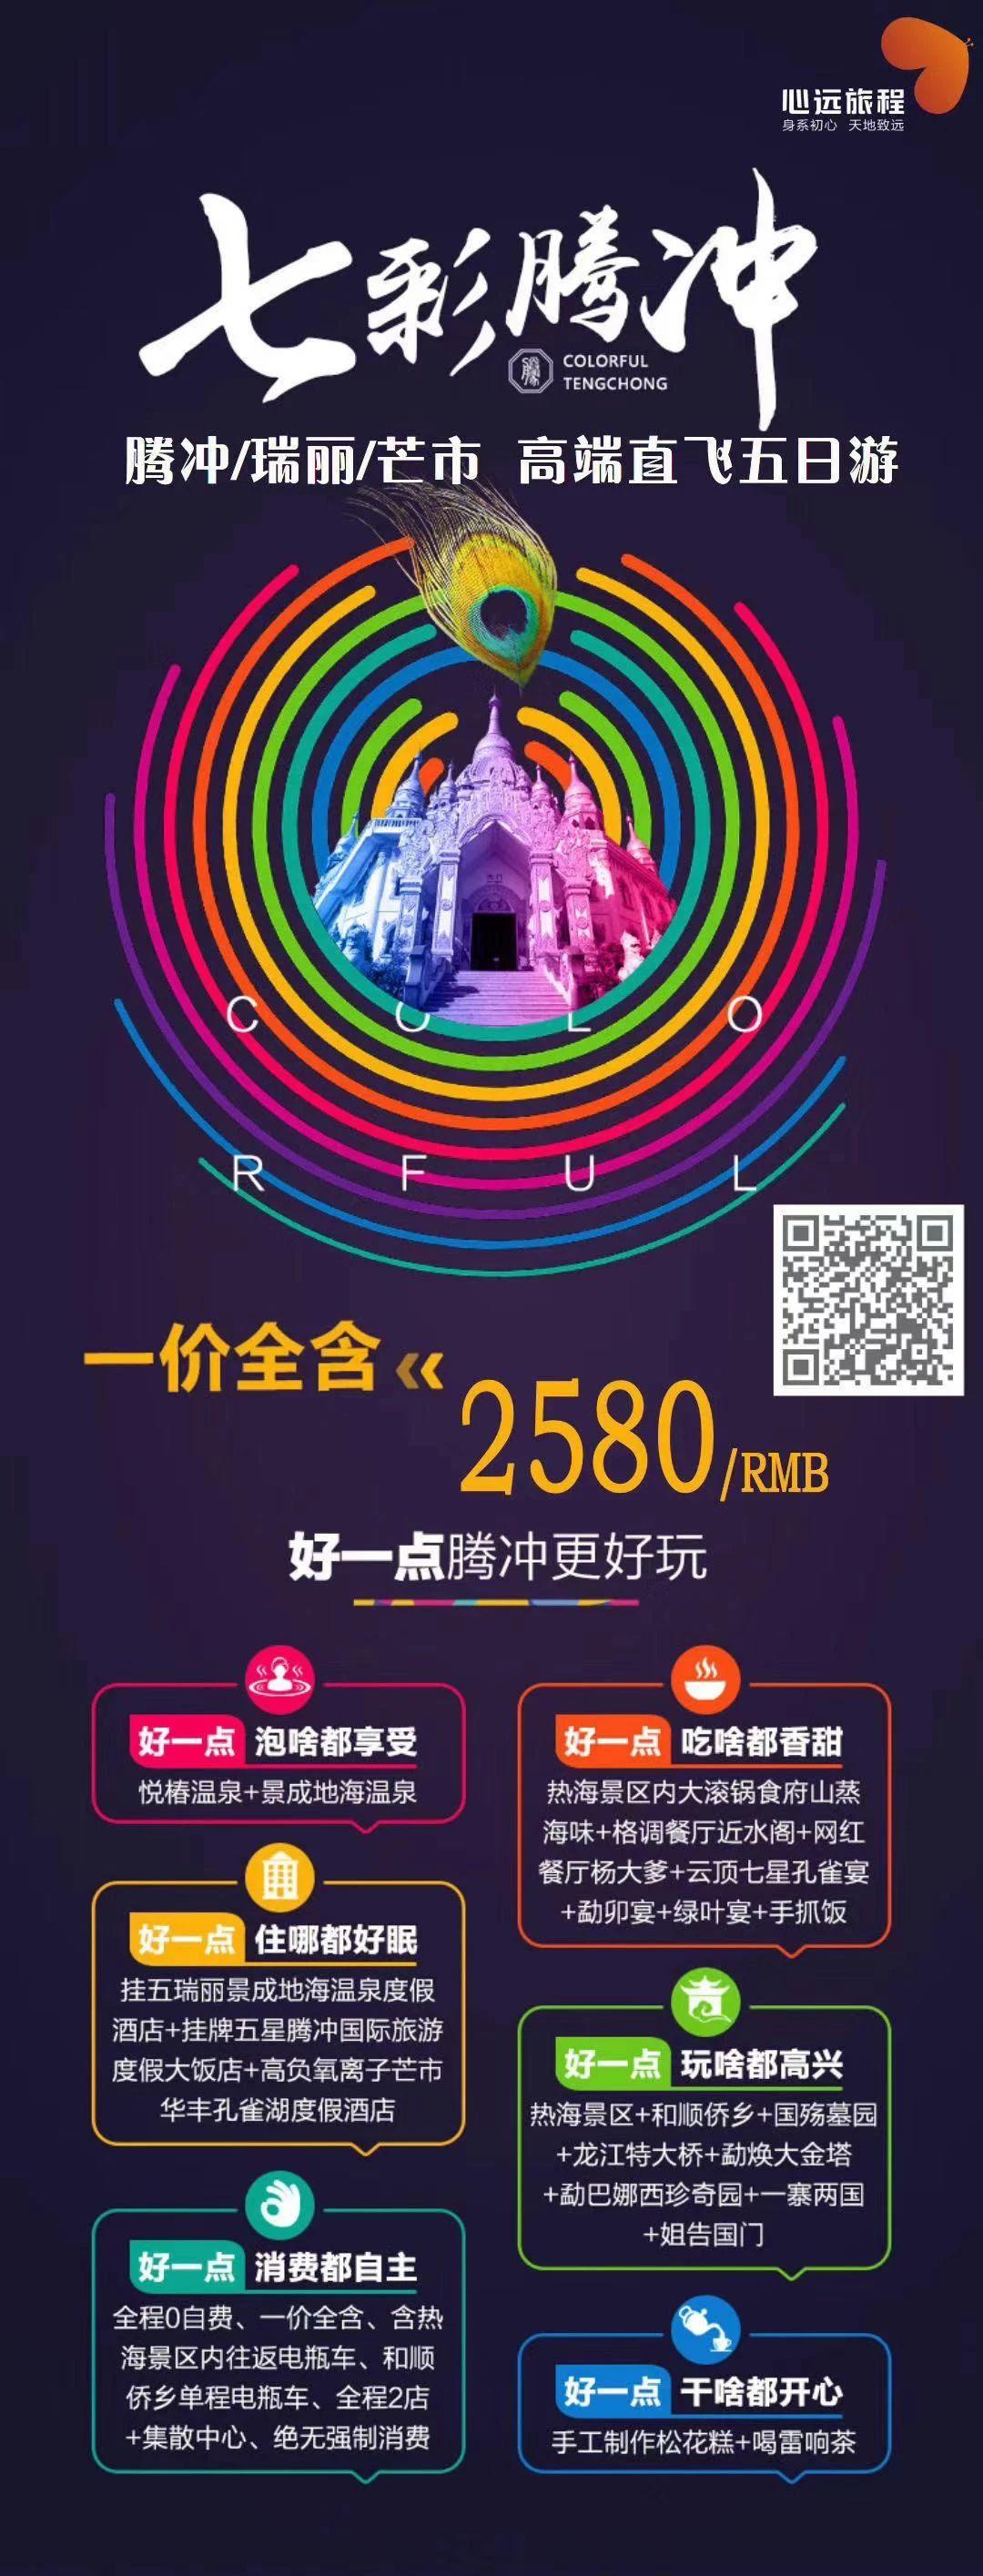 北京到云南游报价_云南旅游团报价|19年11月云南旅游图片海报_厦门国旅官网